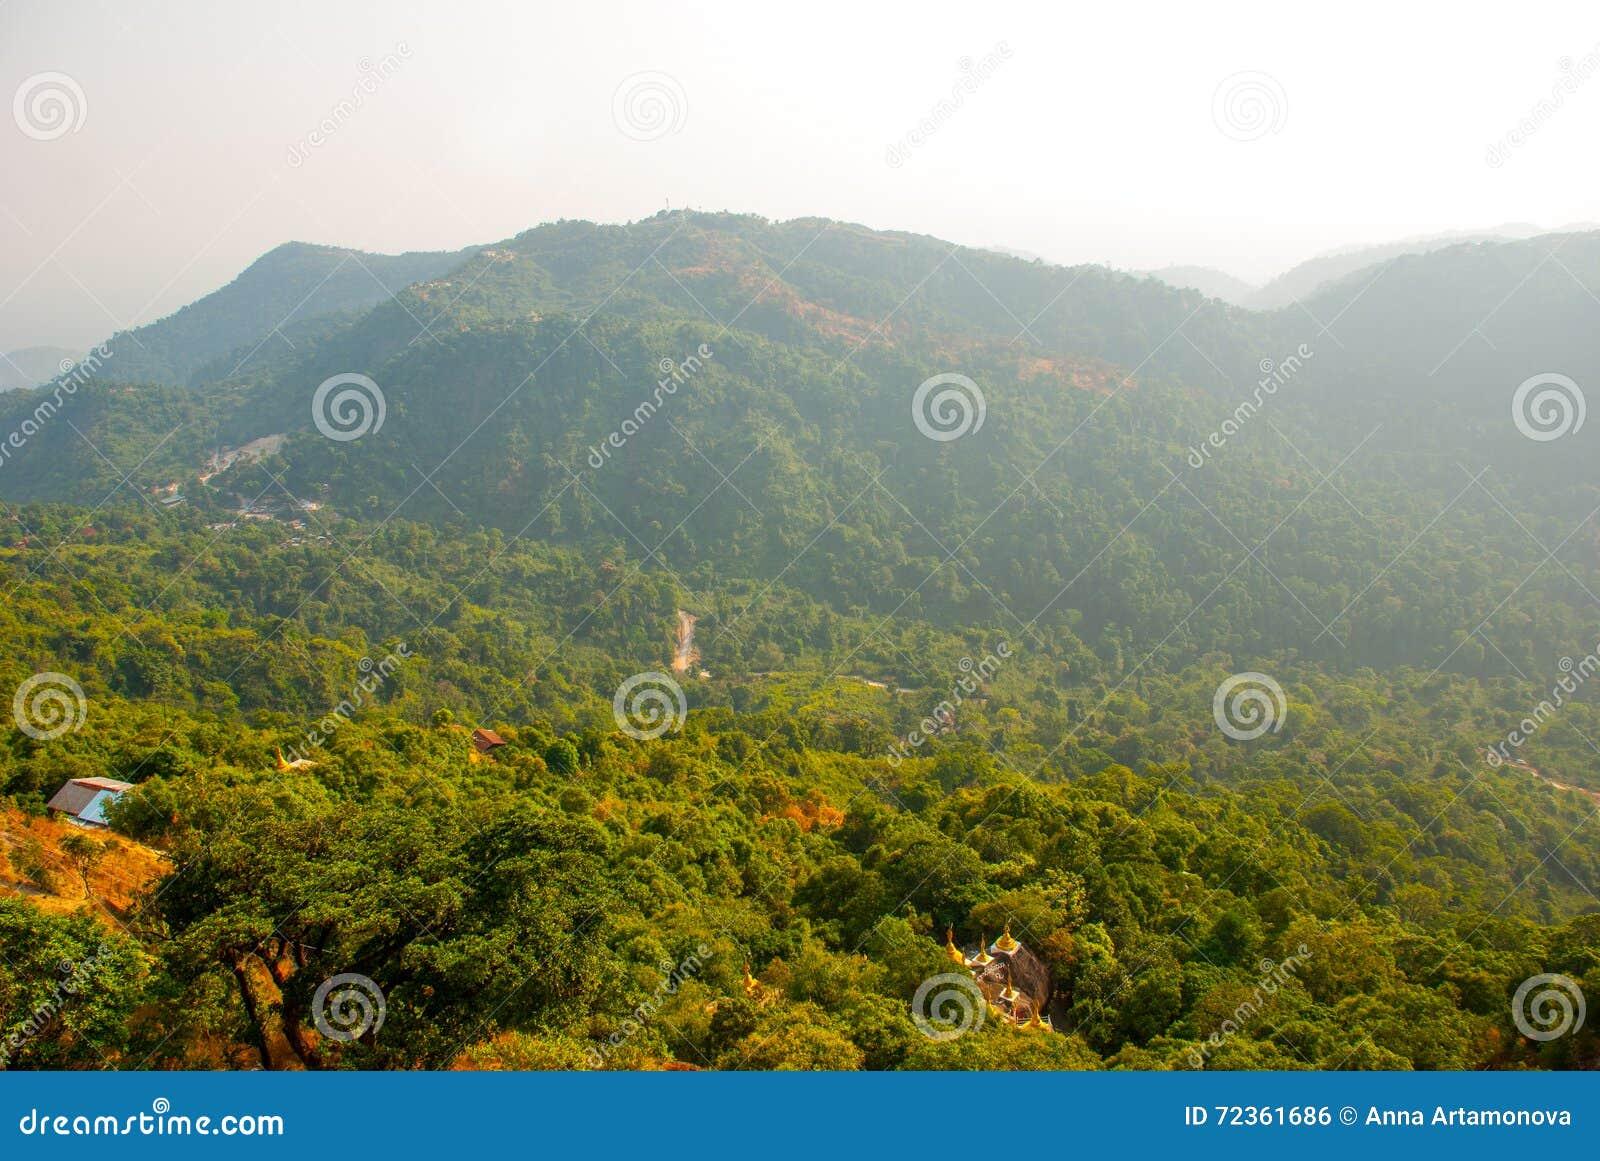 从山的视图 缅甸